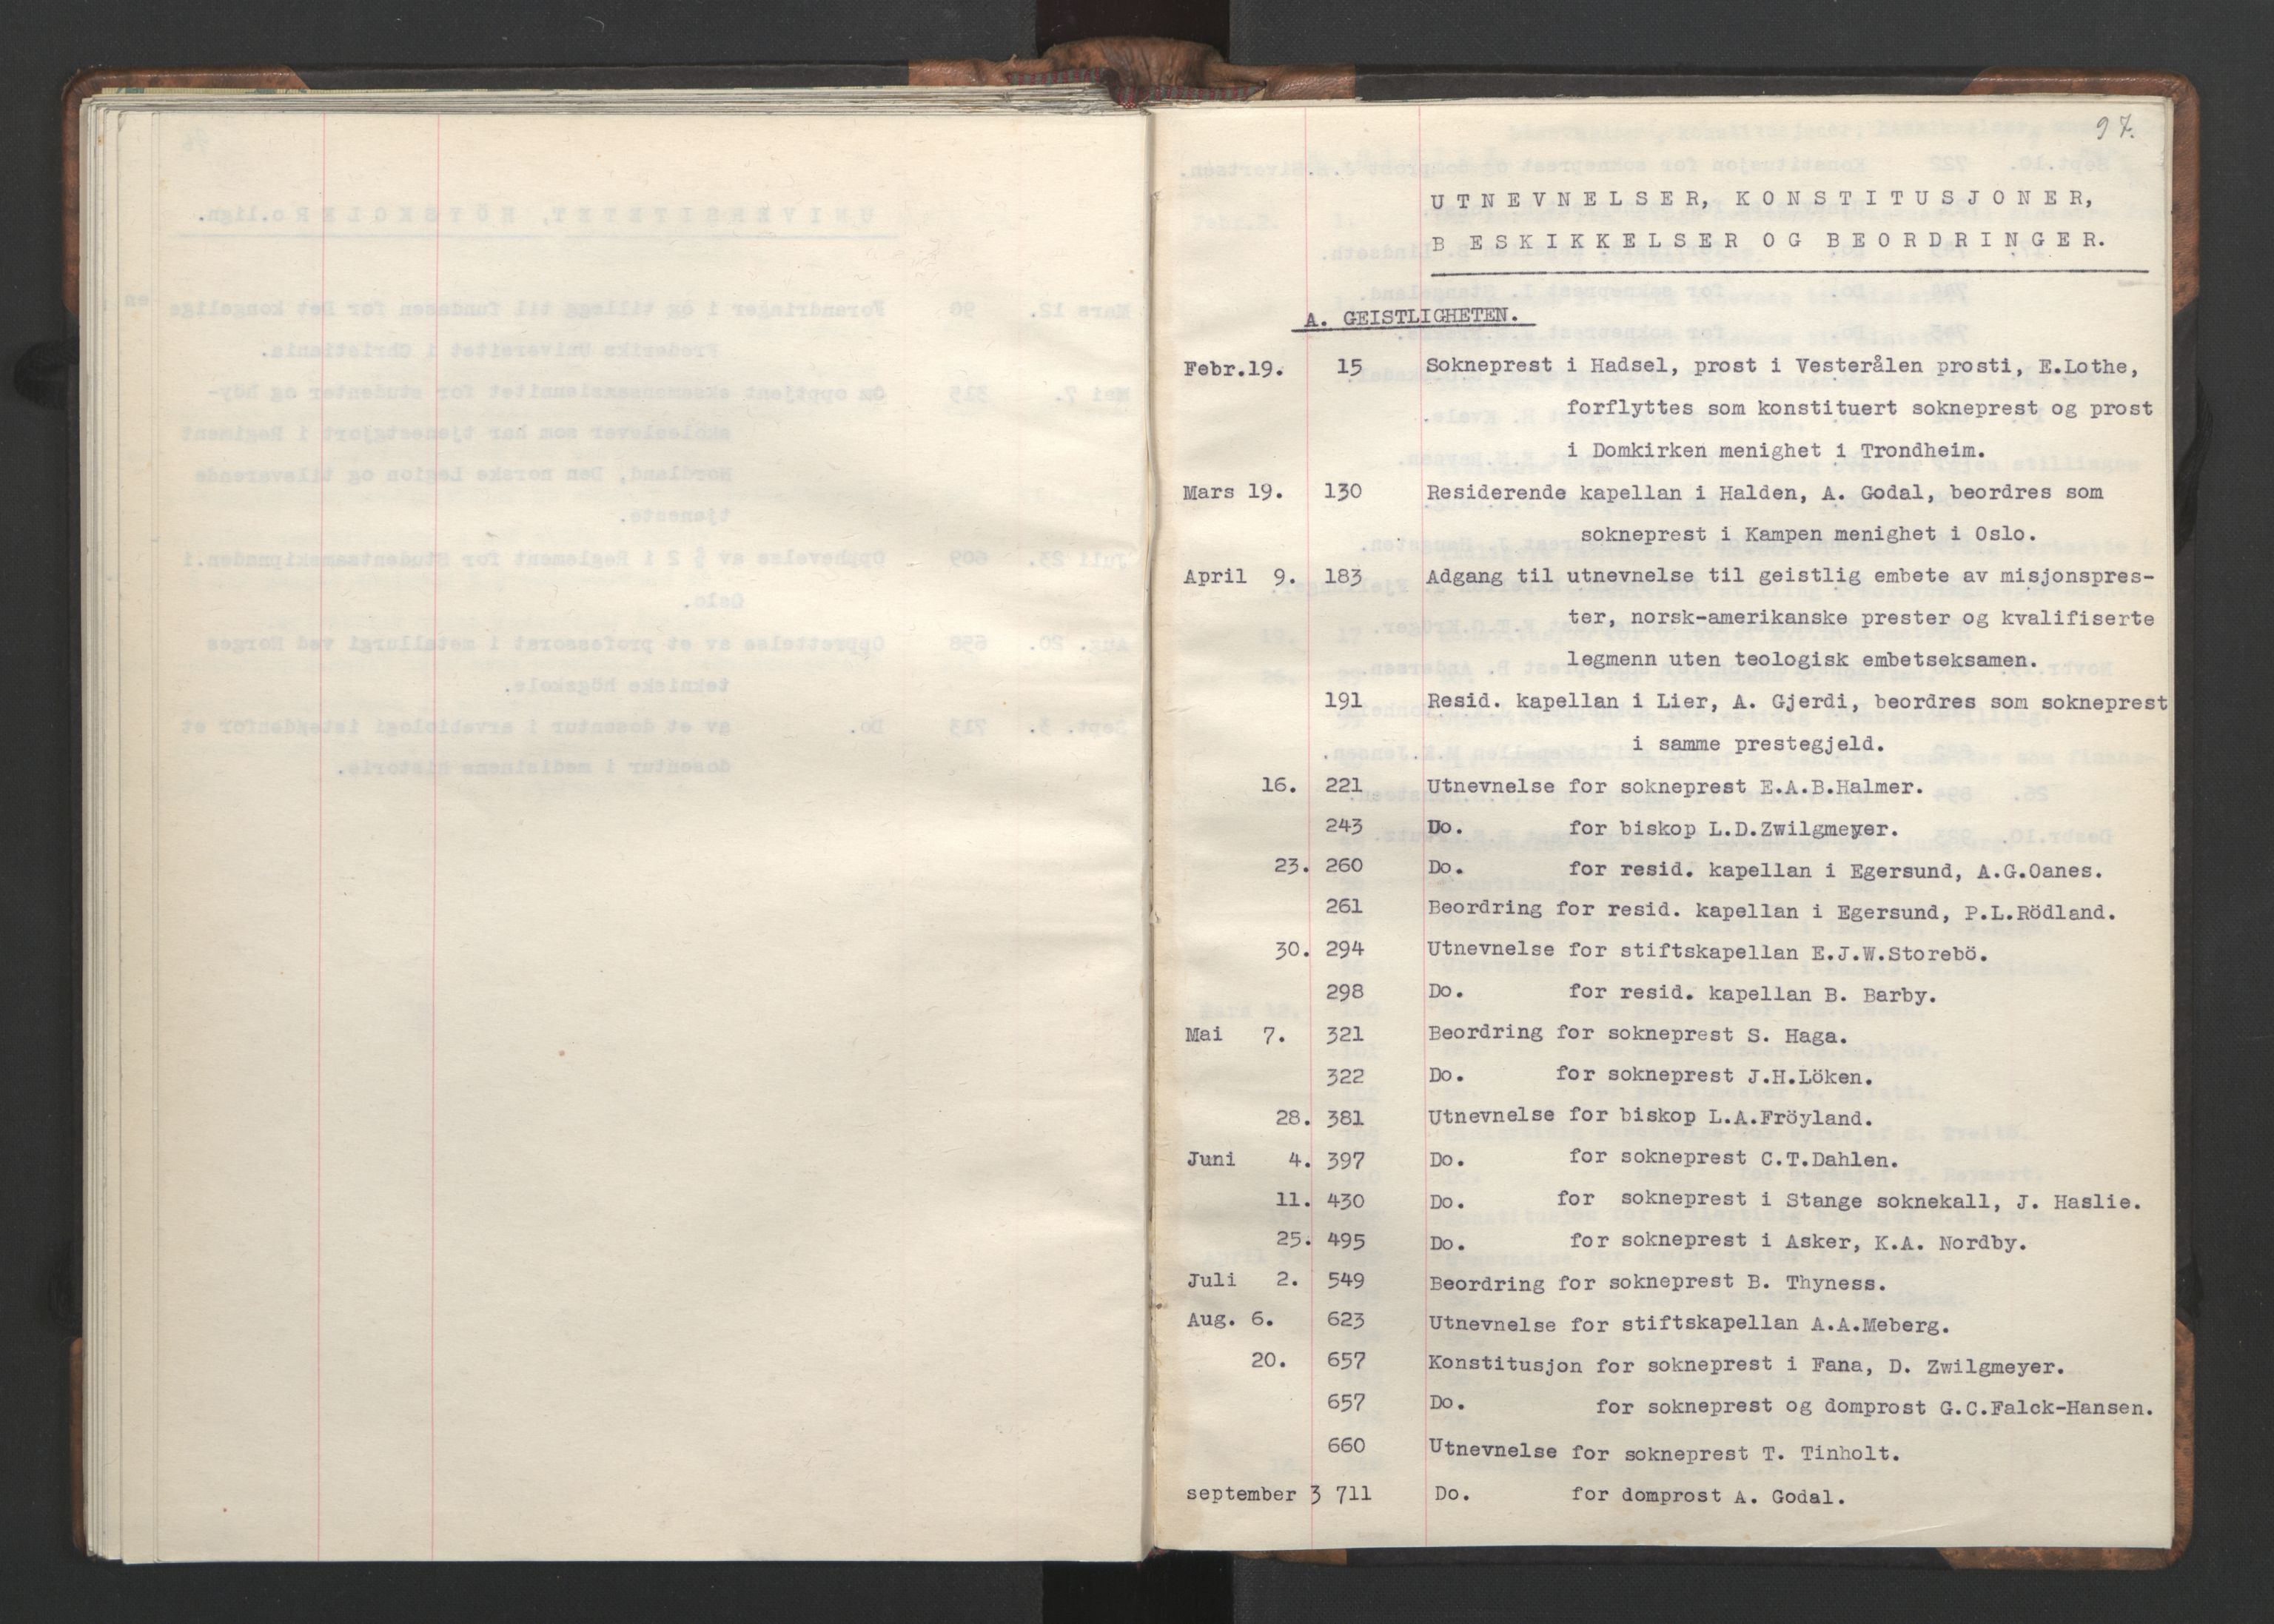 RA, NS-administrasjonen 1940-1945 (Statsrådsekretariatet, de kommisariske statsråder mm), D/Da/L0002: Register (RA j.nr. 985/1943, tilgangsnr. 17/1943), 1942, s. 96b-97a